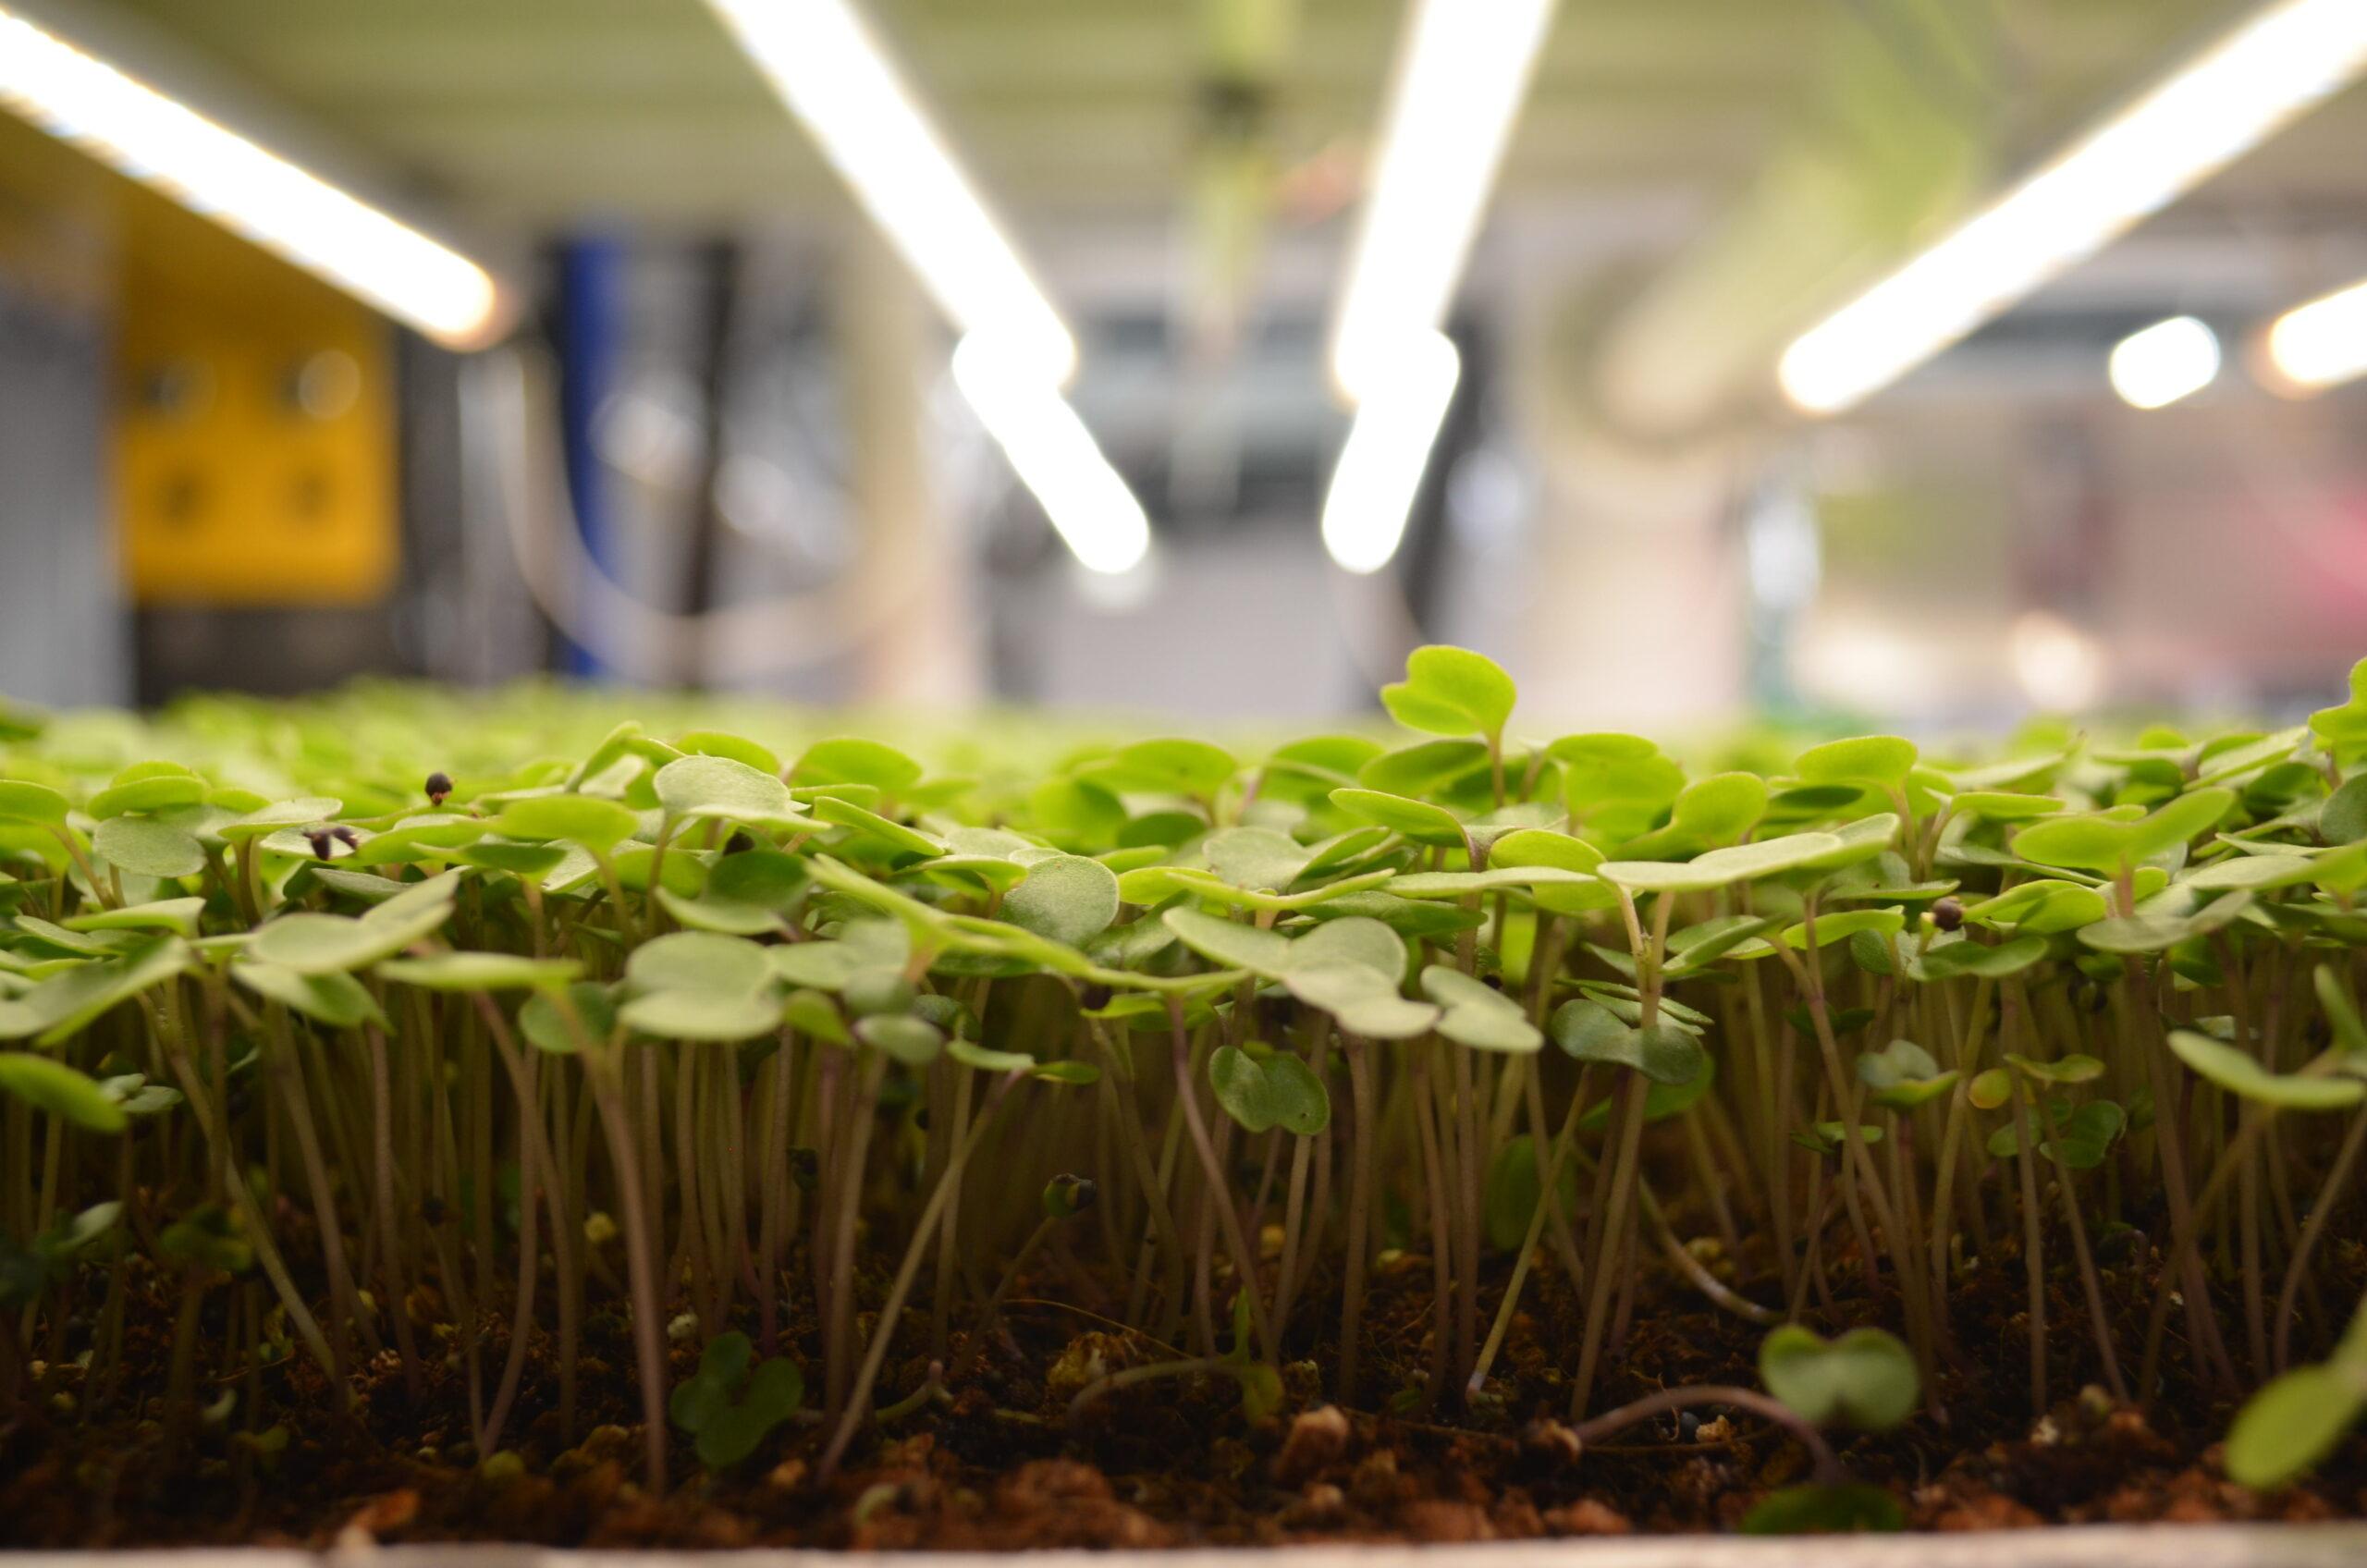 生態系を維持するアクアポニックス農法で魚と野菜を同時に育てるUpward Farm社について解説